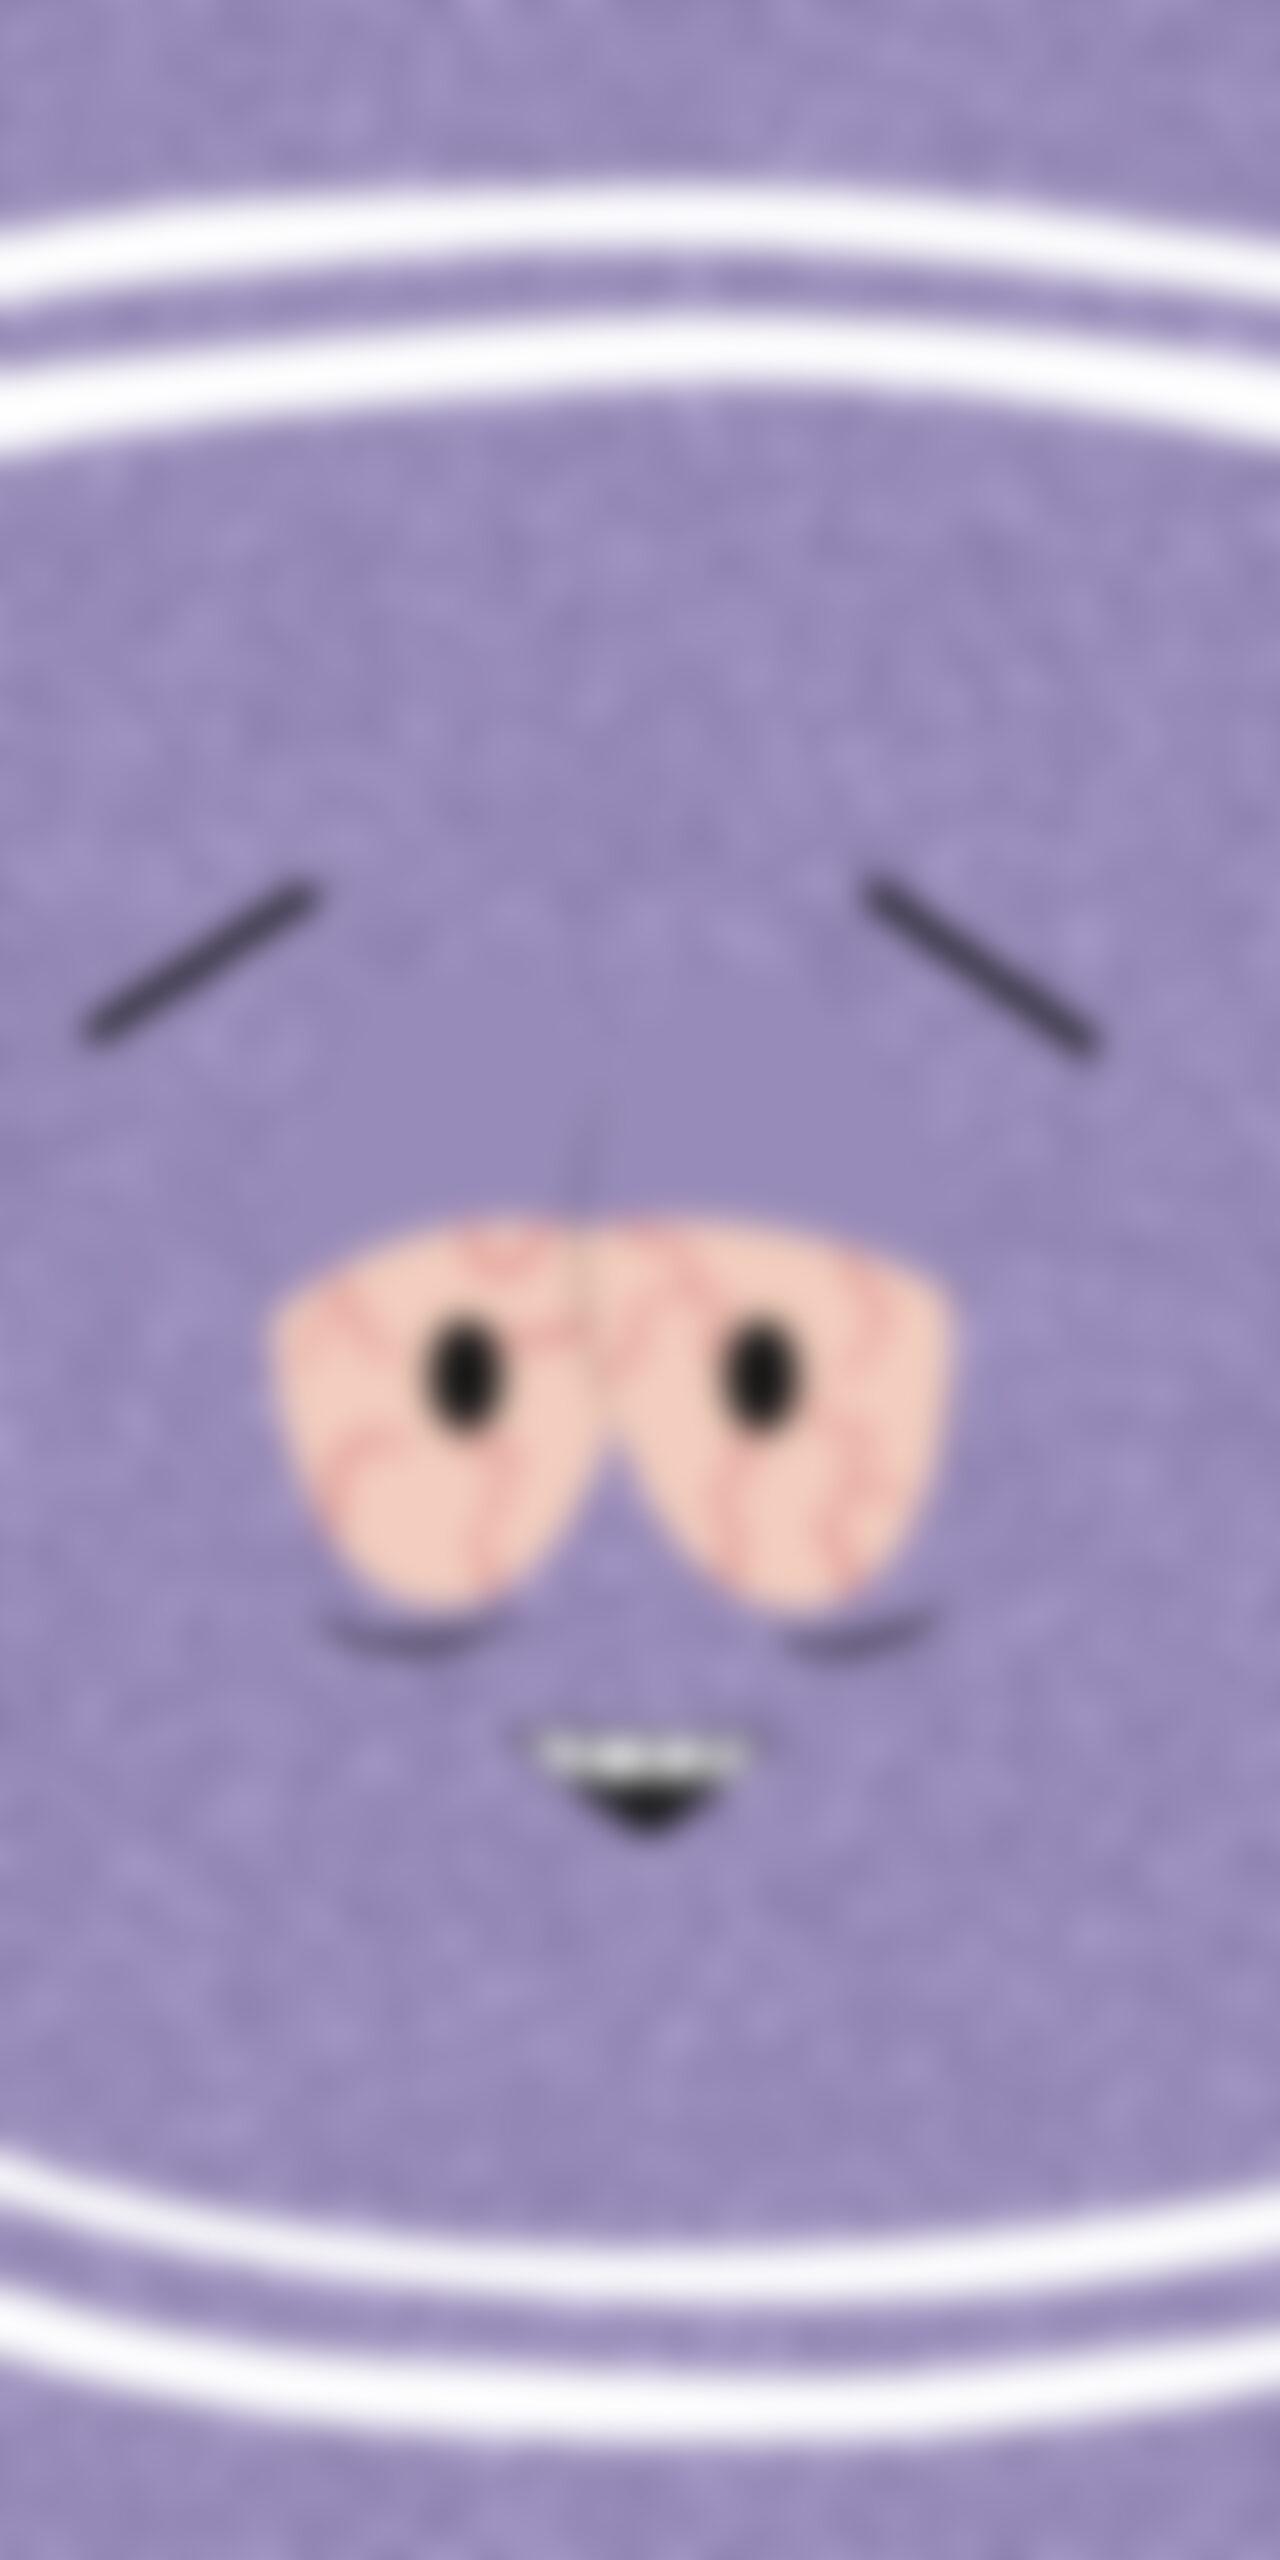 south park towelie stoned face blur wallpaper